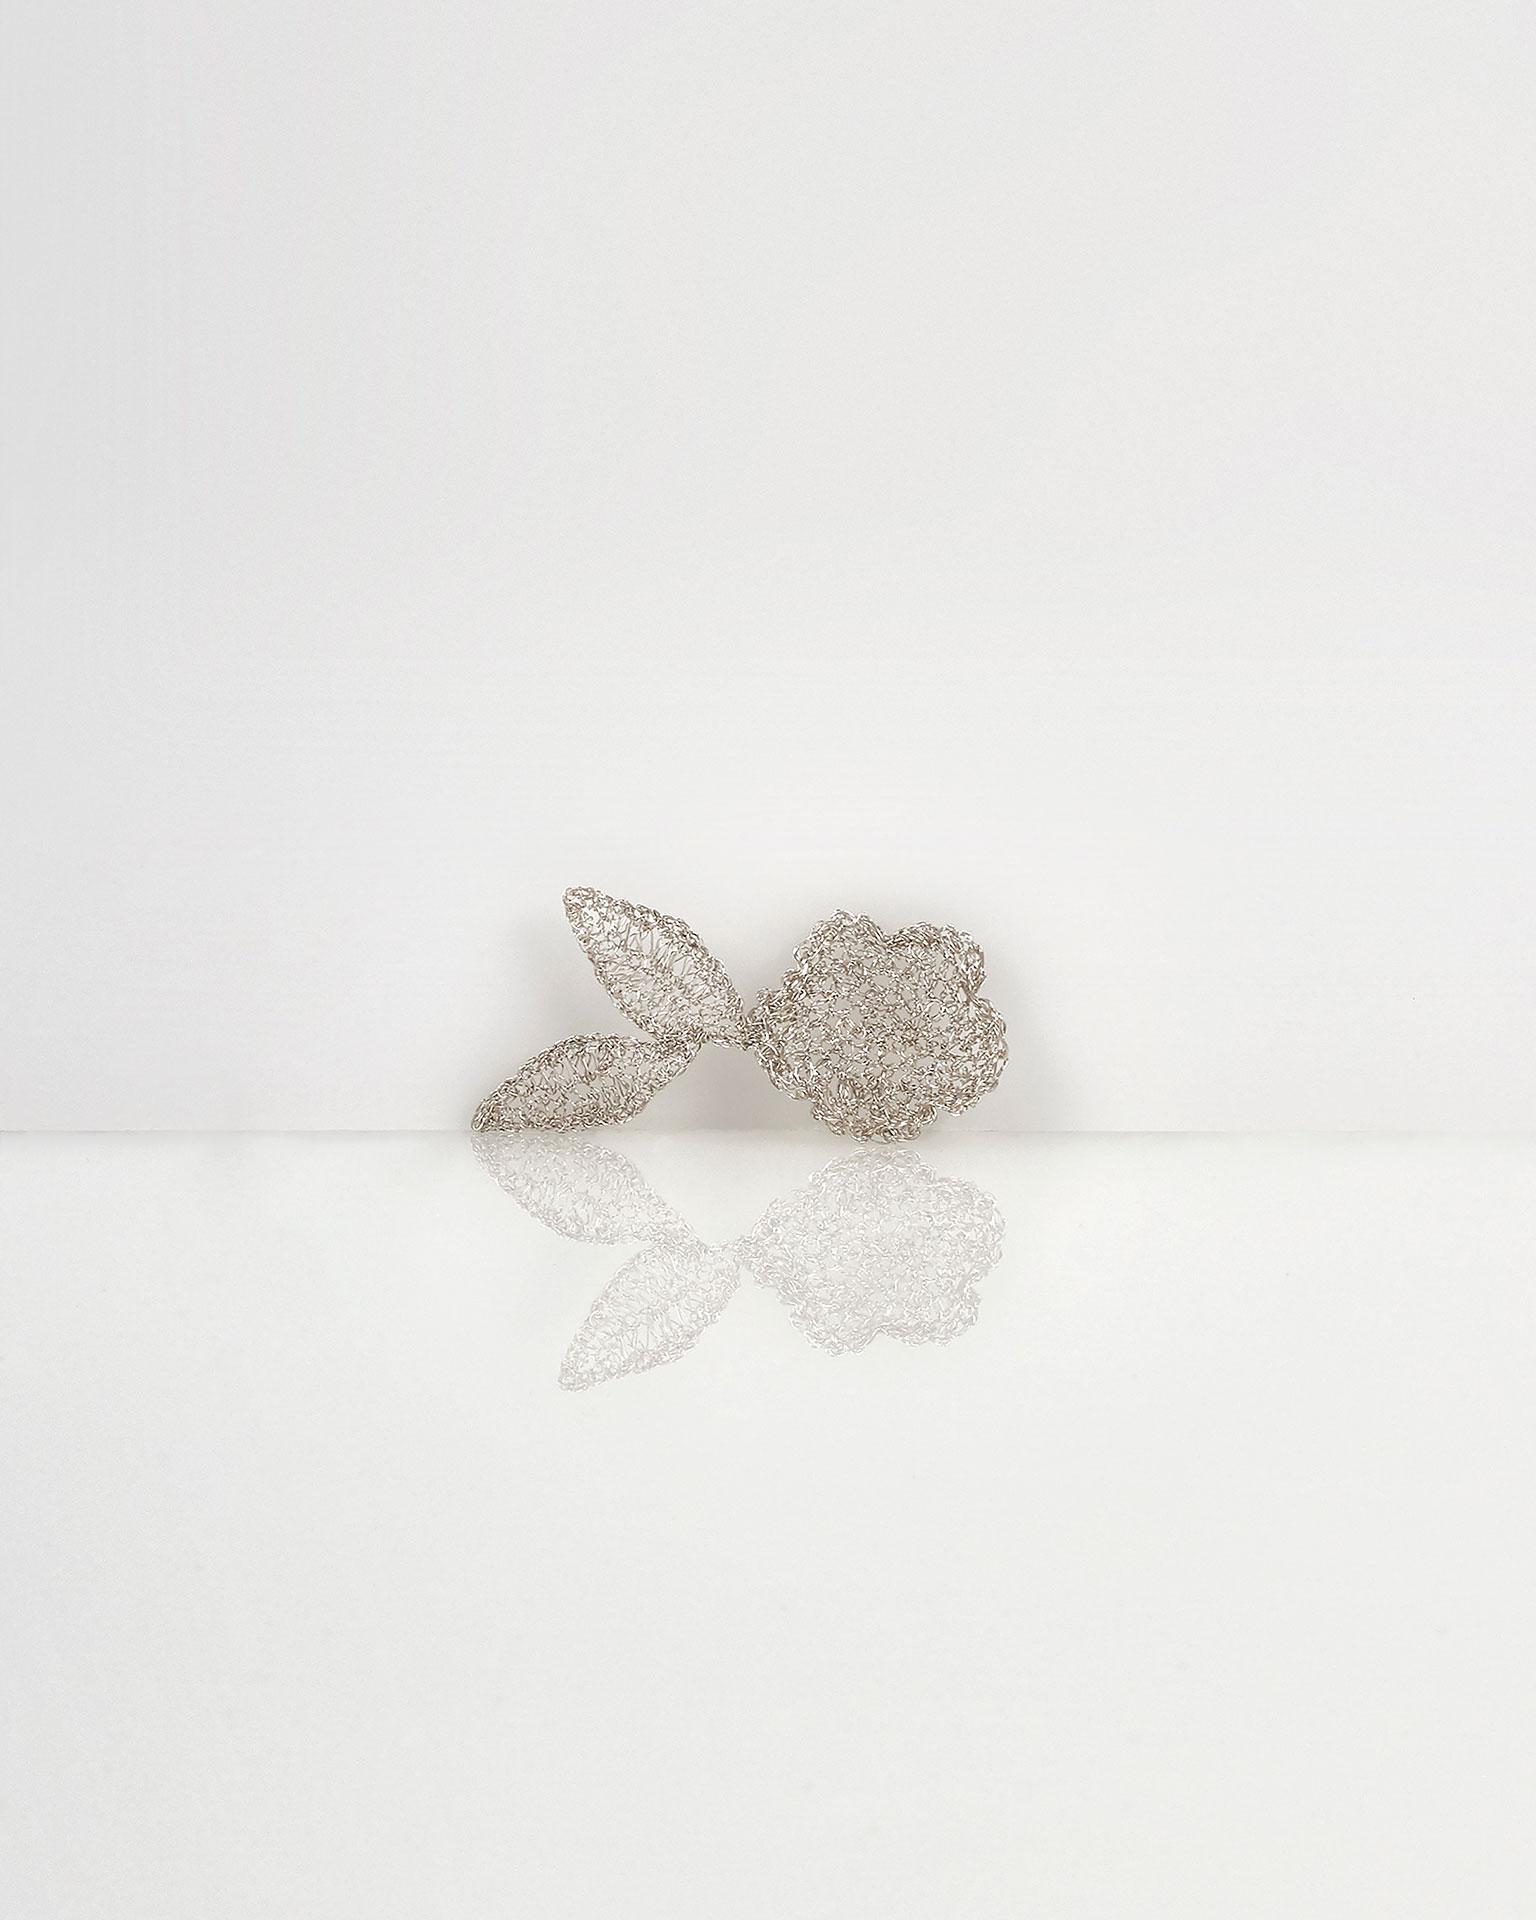 Toucado joia Leire de folhas em fio de prata e cristal, em prateado. Coleção AIRE BARCELONA 2019.